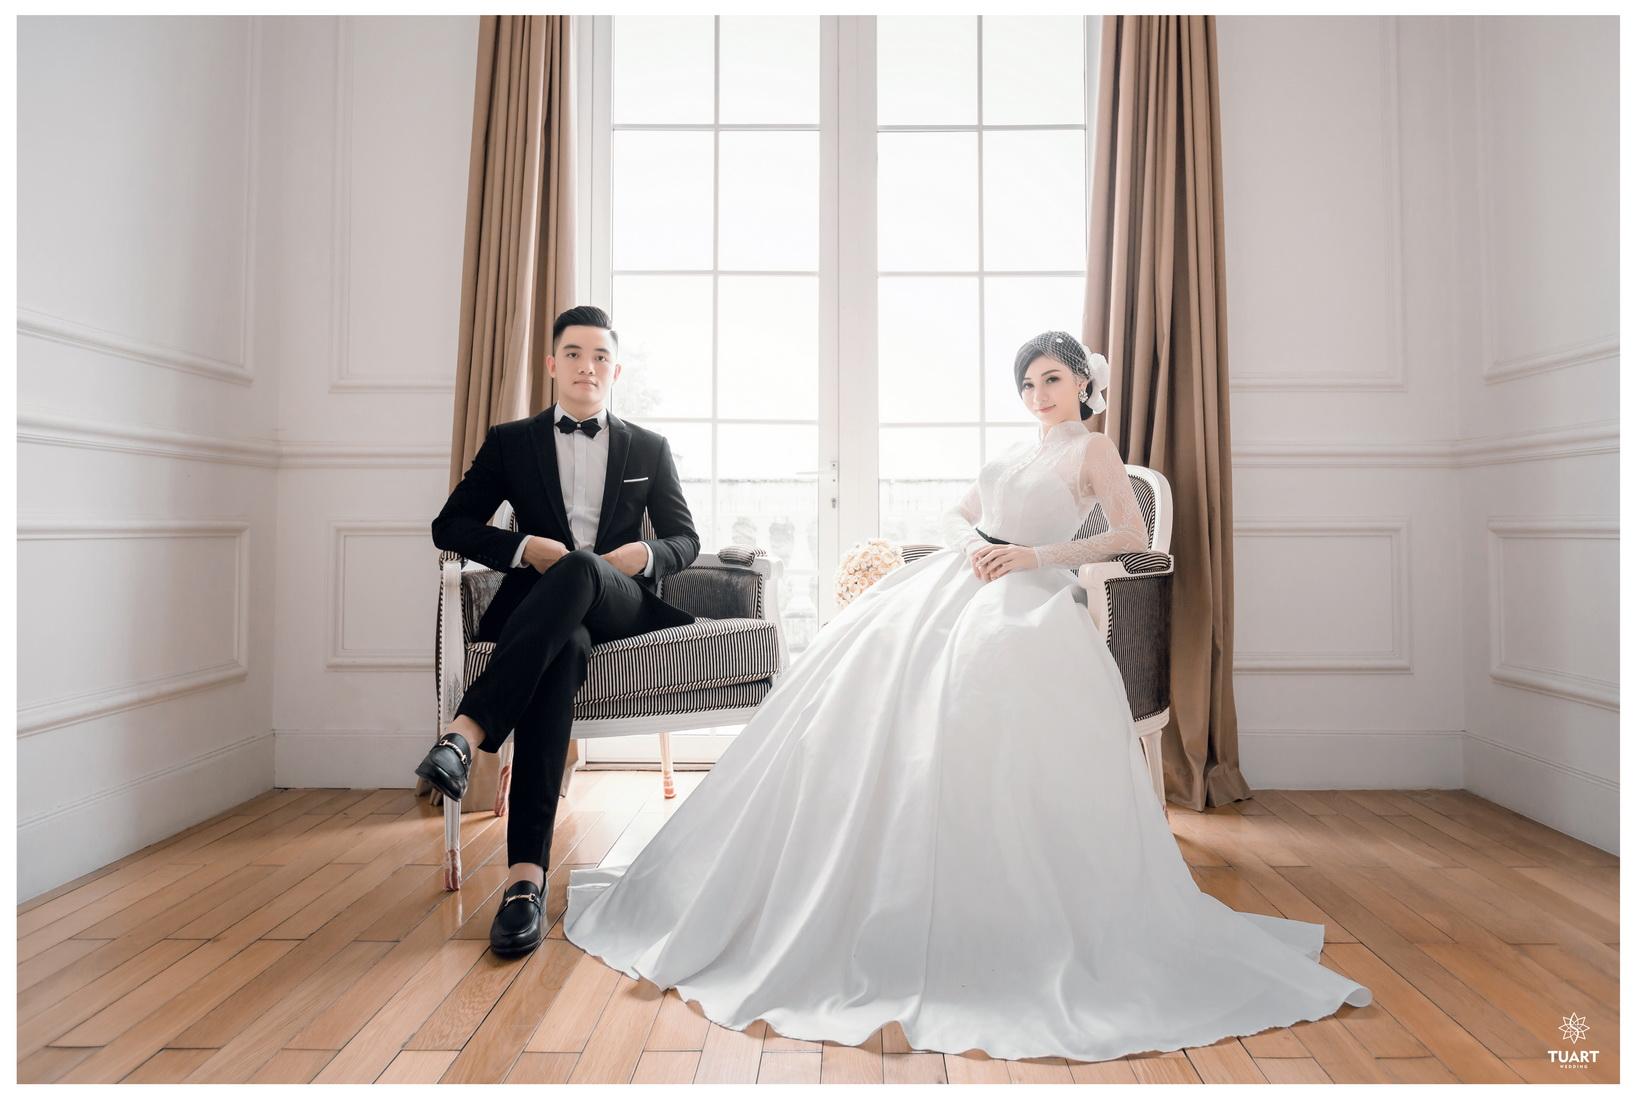 Album chụp ảnh cưới tại Biệt Thự Hoa Hồng : Tùng-Hường 5